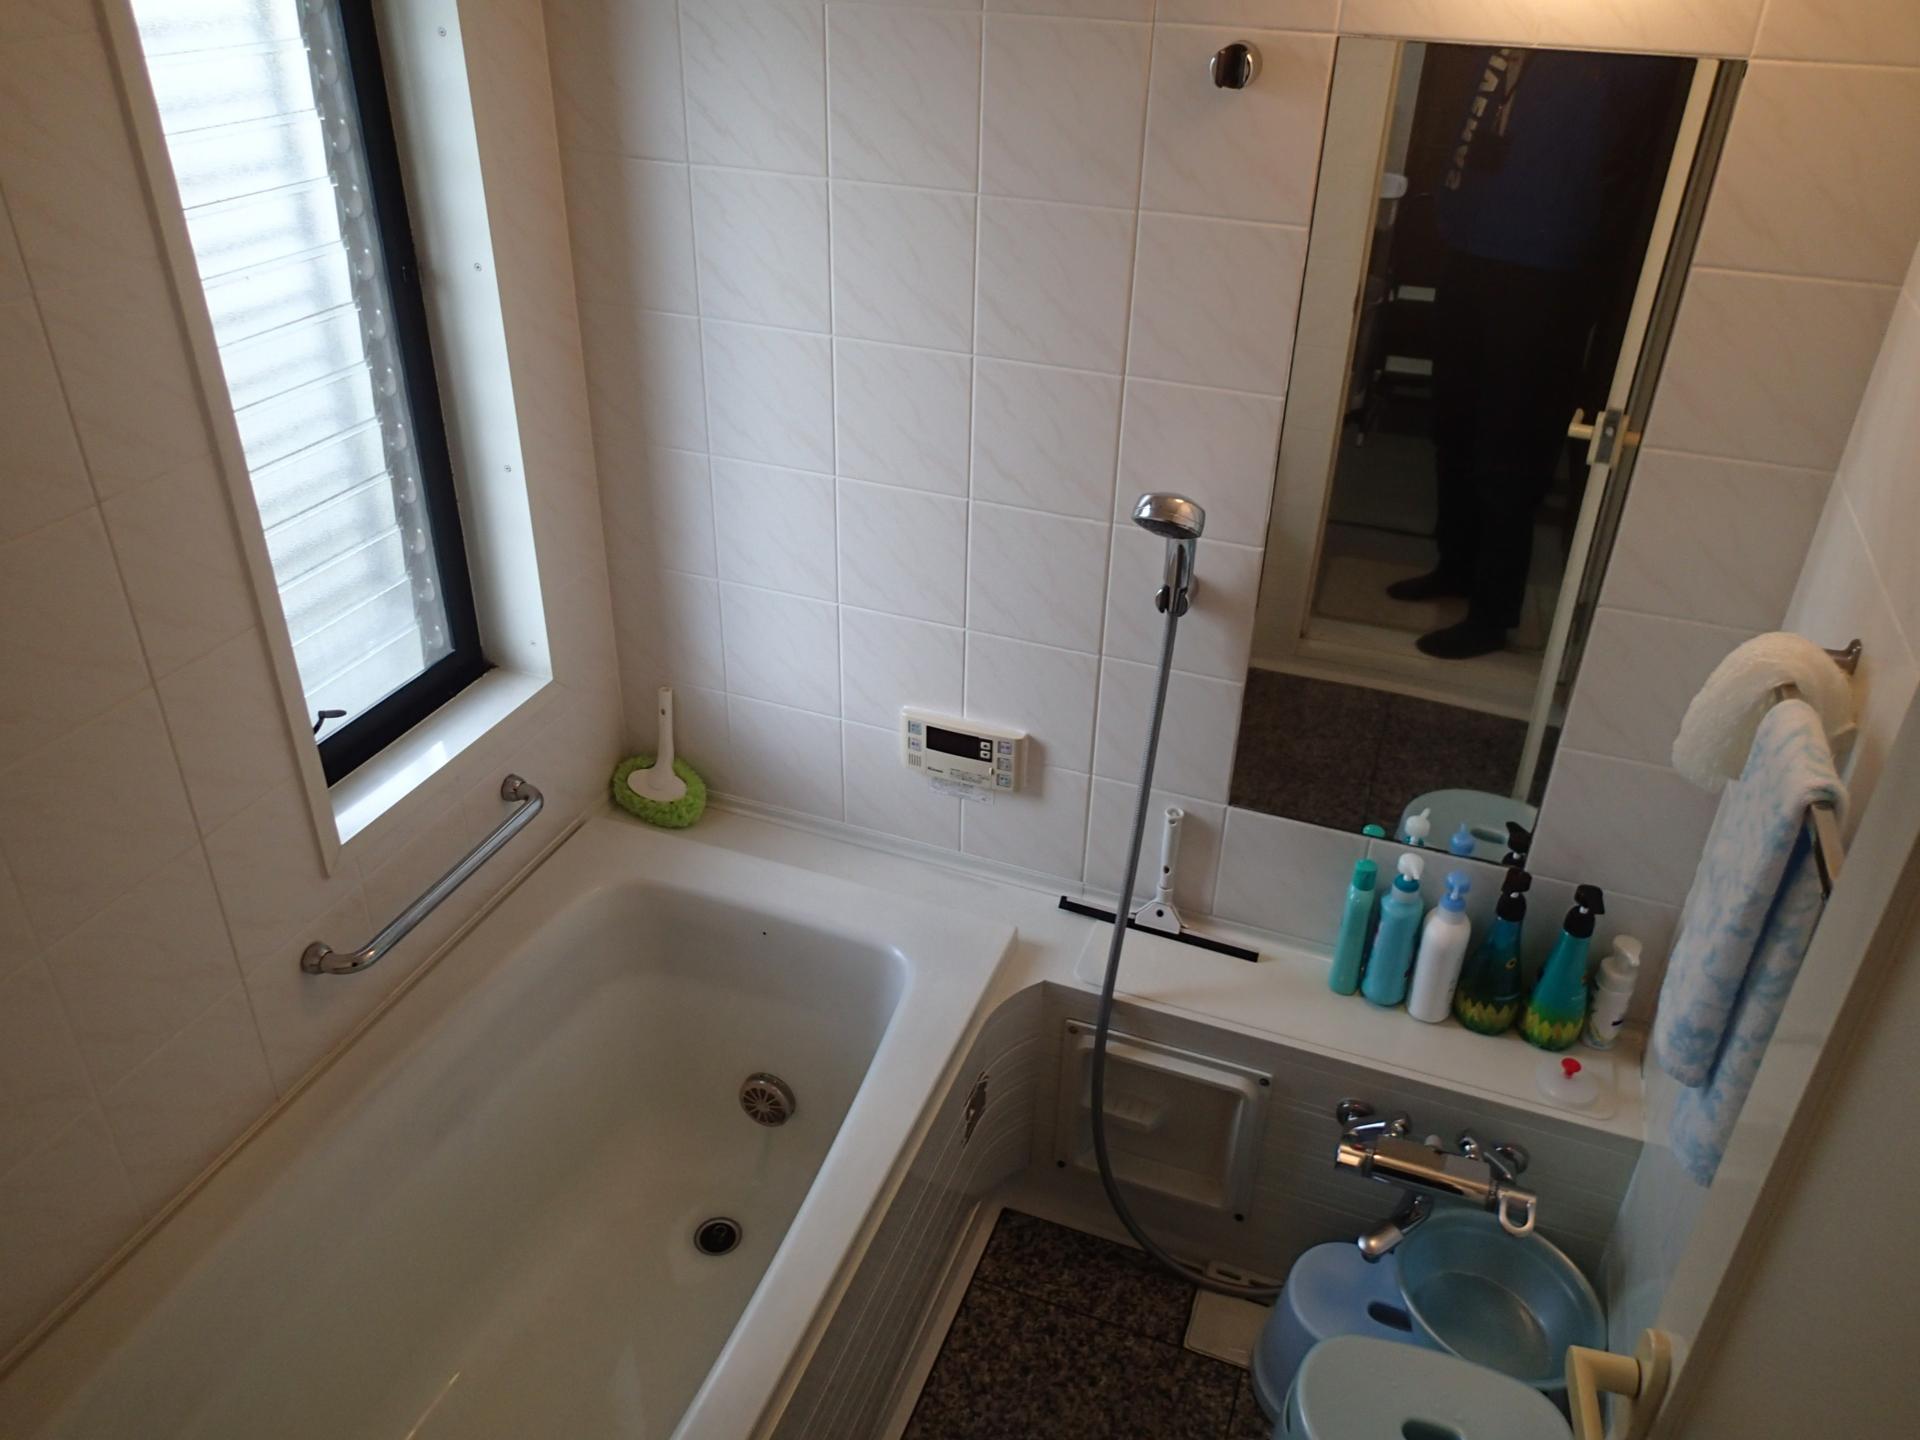 浴槽が老朽化で変質 タイル張りの床材がとても冷たい浴室でした